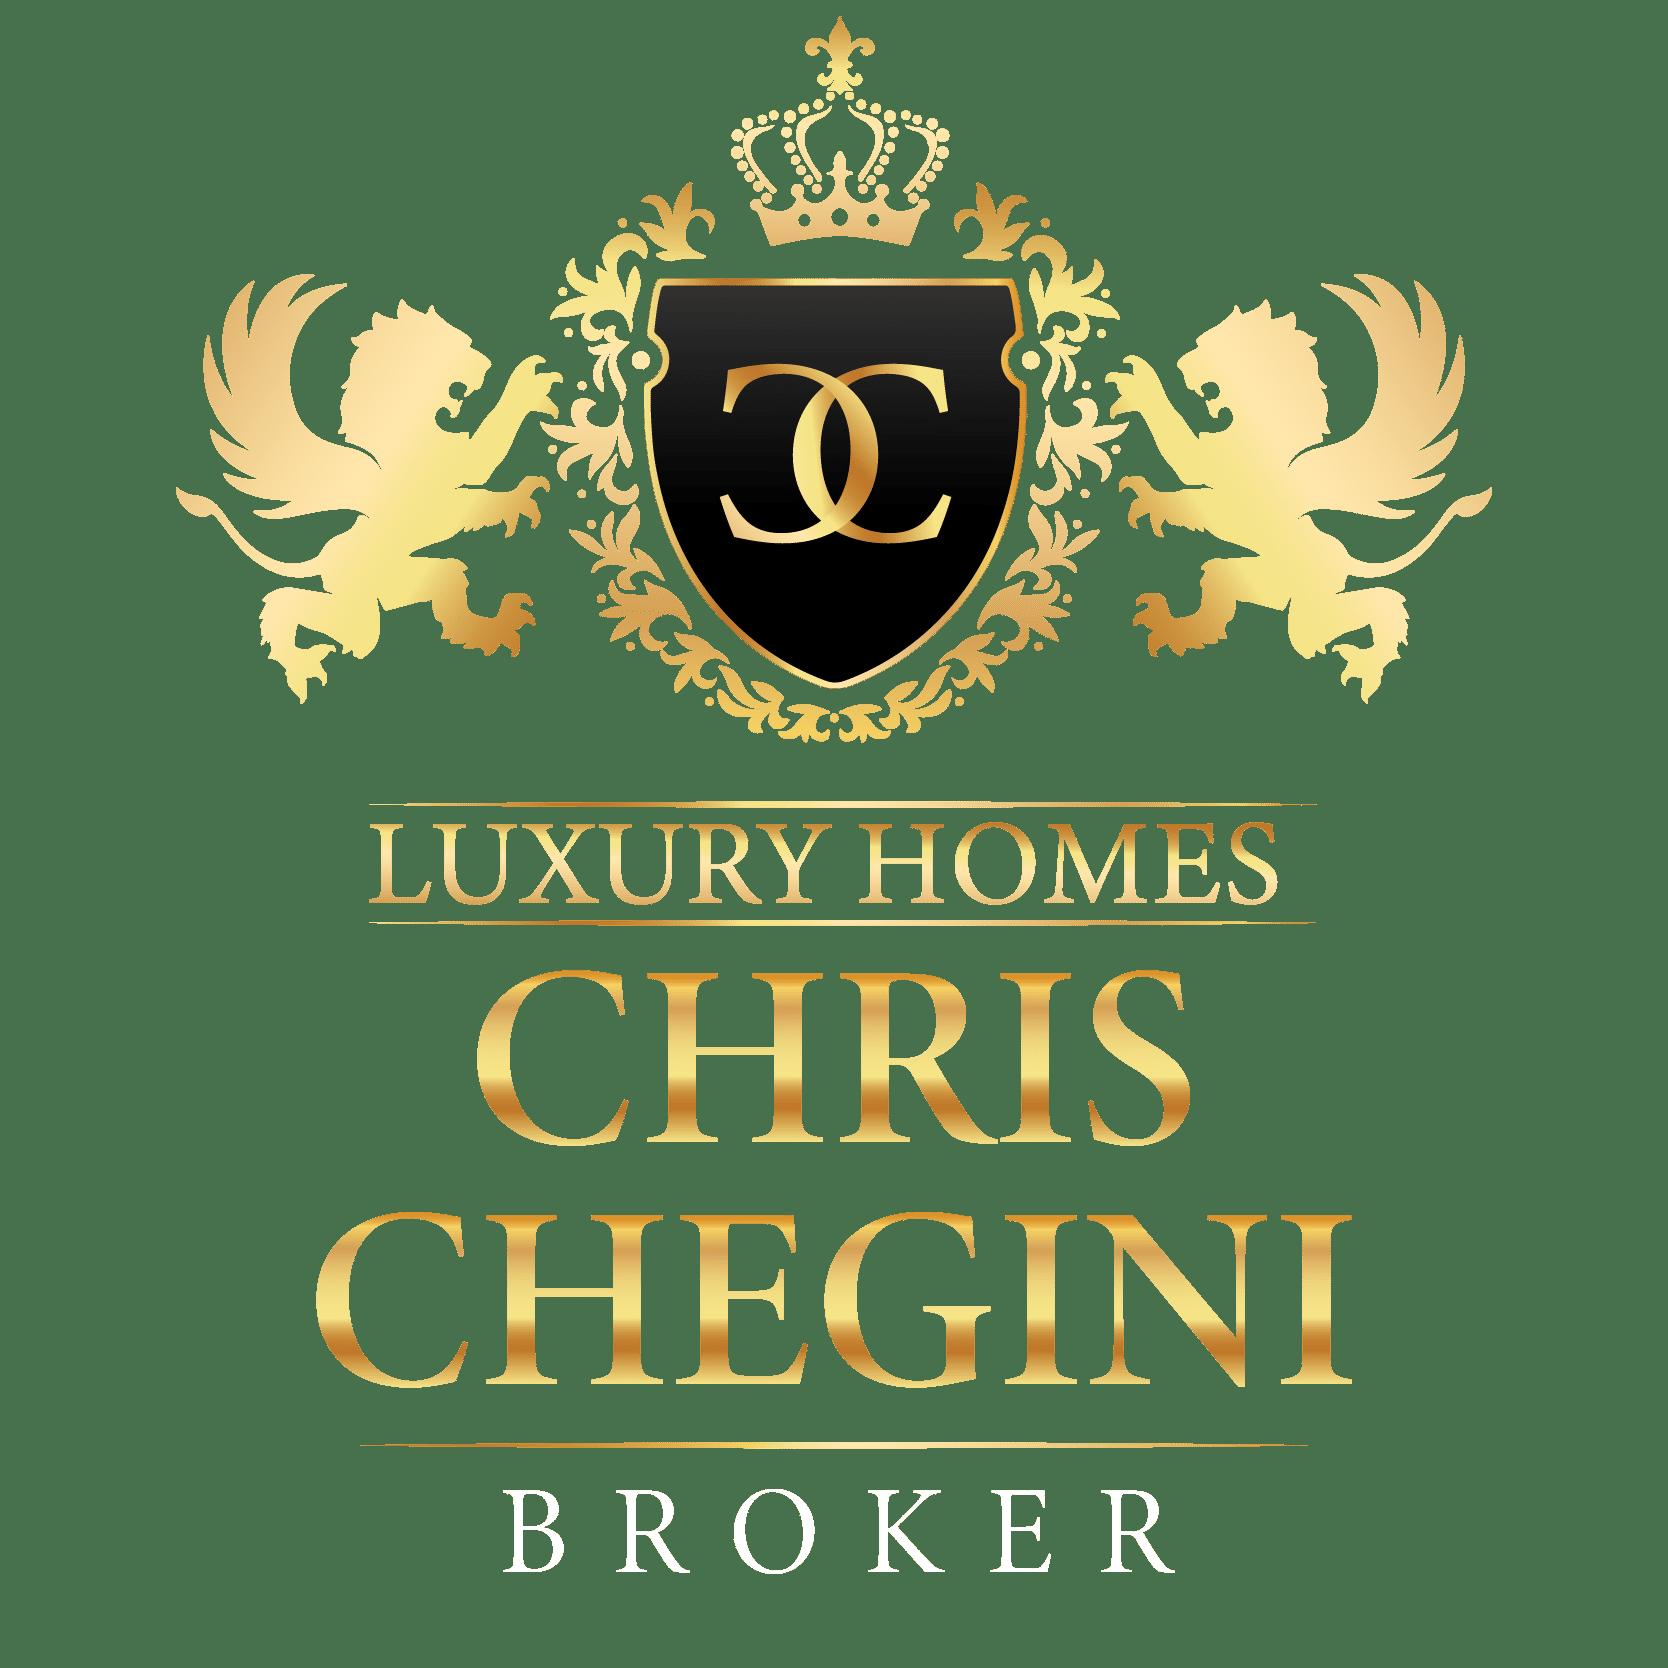 Chris Chegini